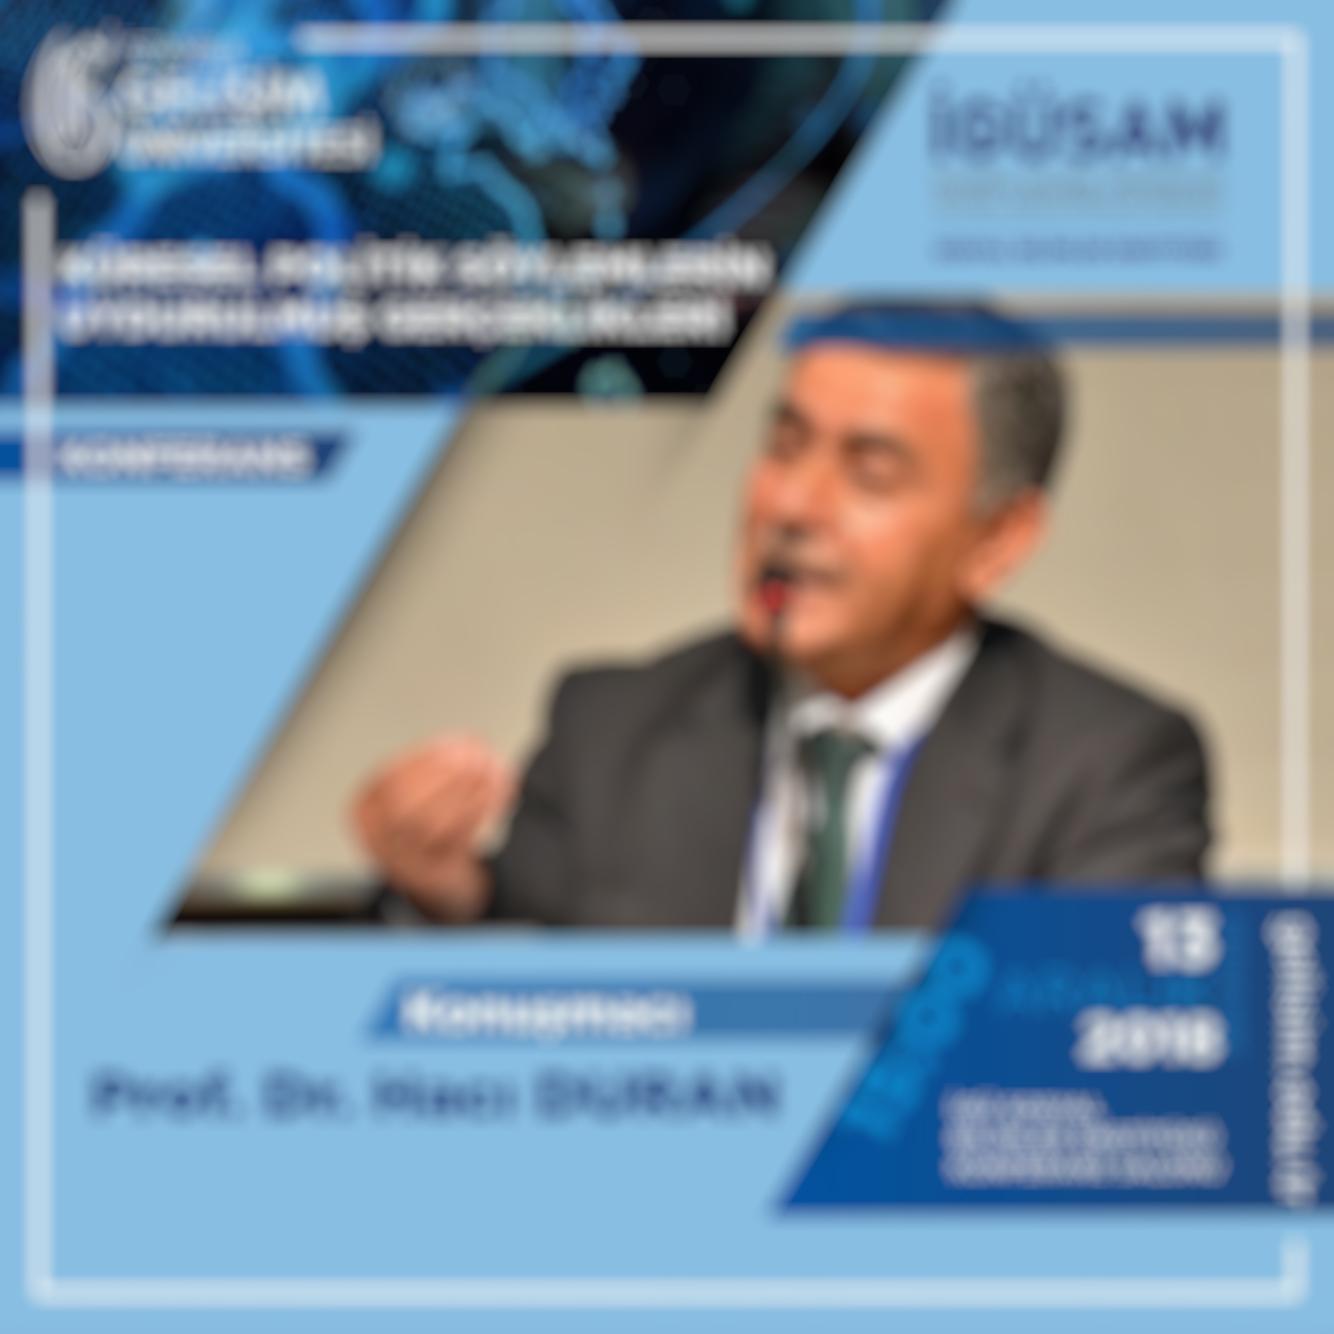 Konferans: Küresel Politik Söylemlerin Uydurulmuş Gerçeklikleri